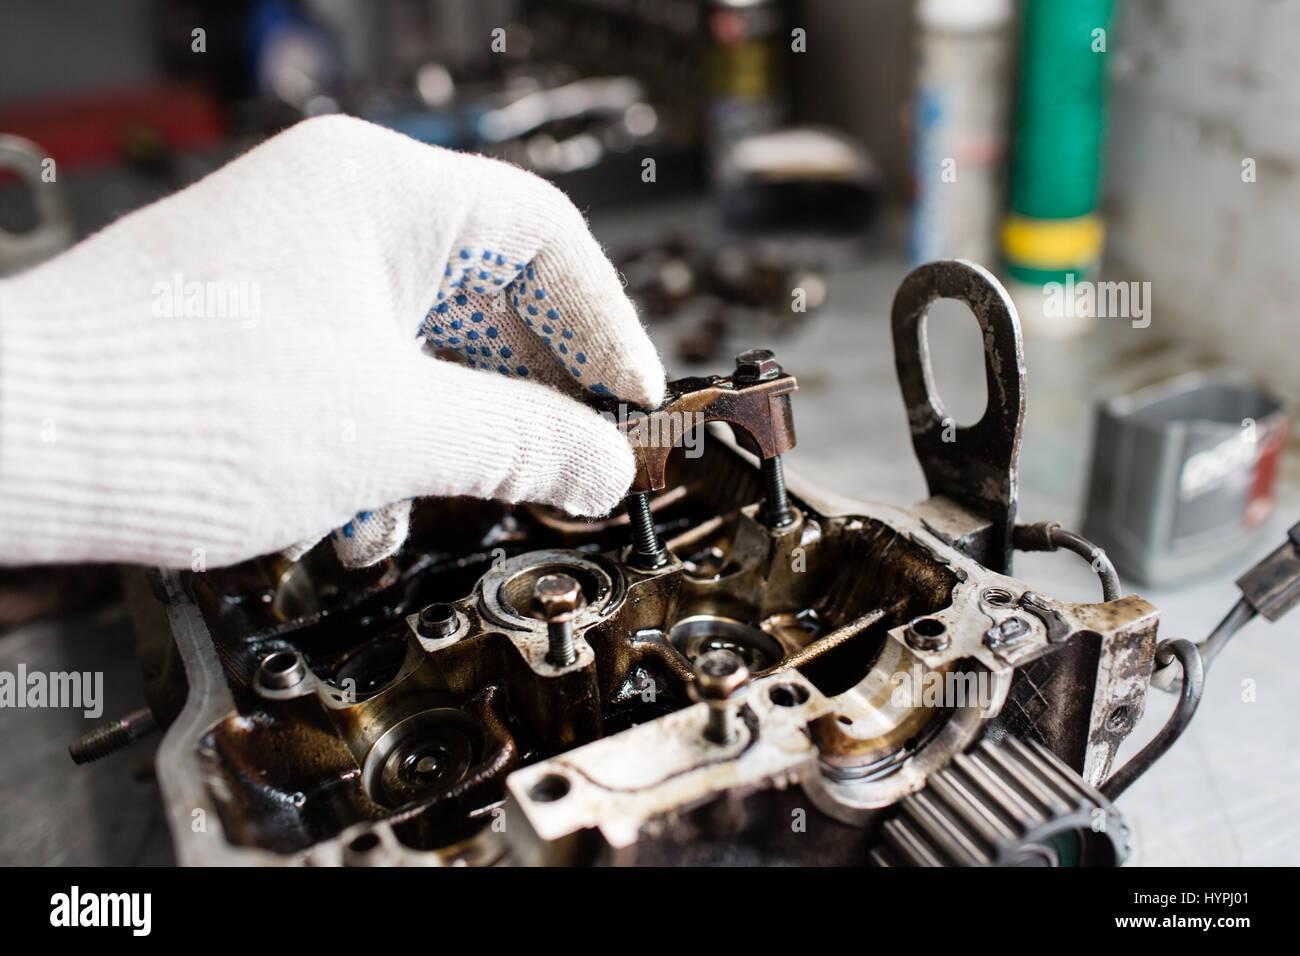 Albero motore, coperchio valvole, pistoni. meccanico aggiustatore a automobile auto manutenzione motore lavori di Immagini Stock